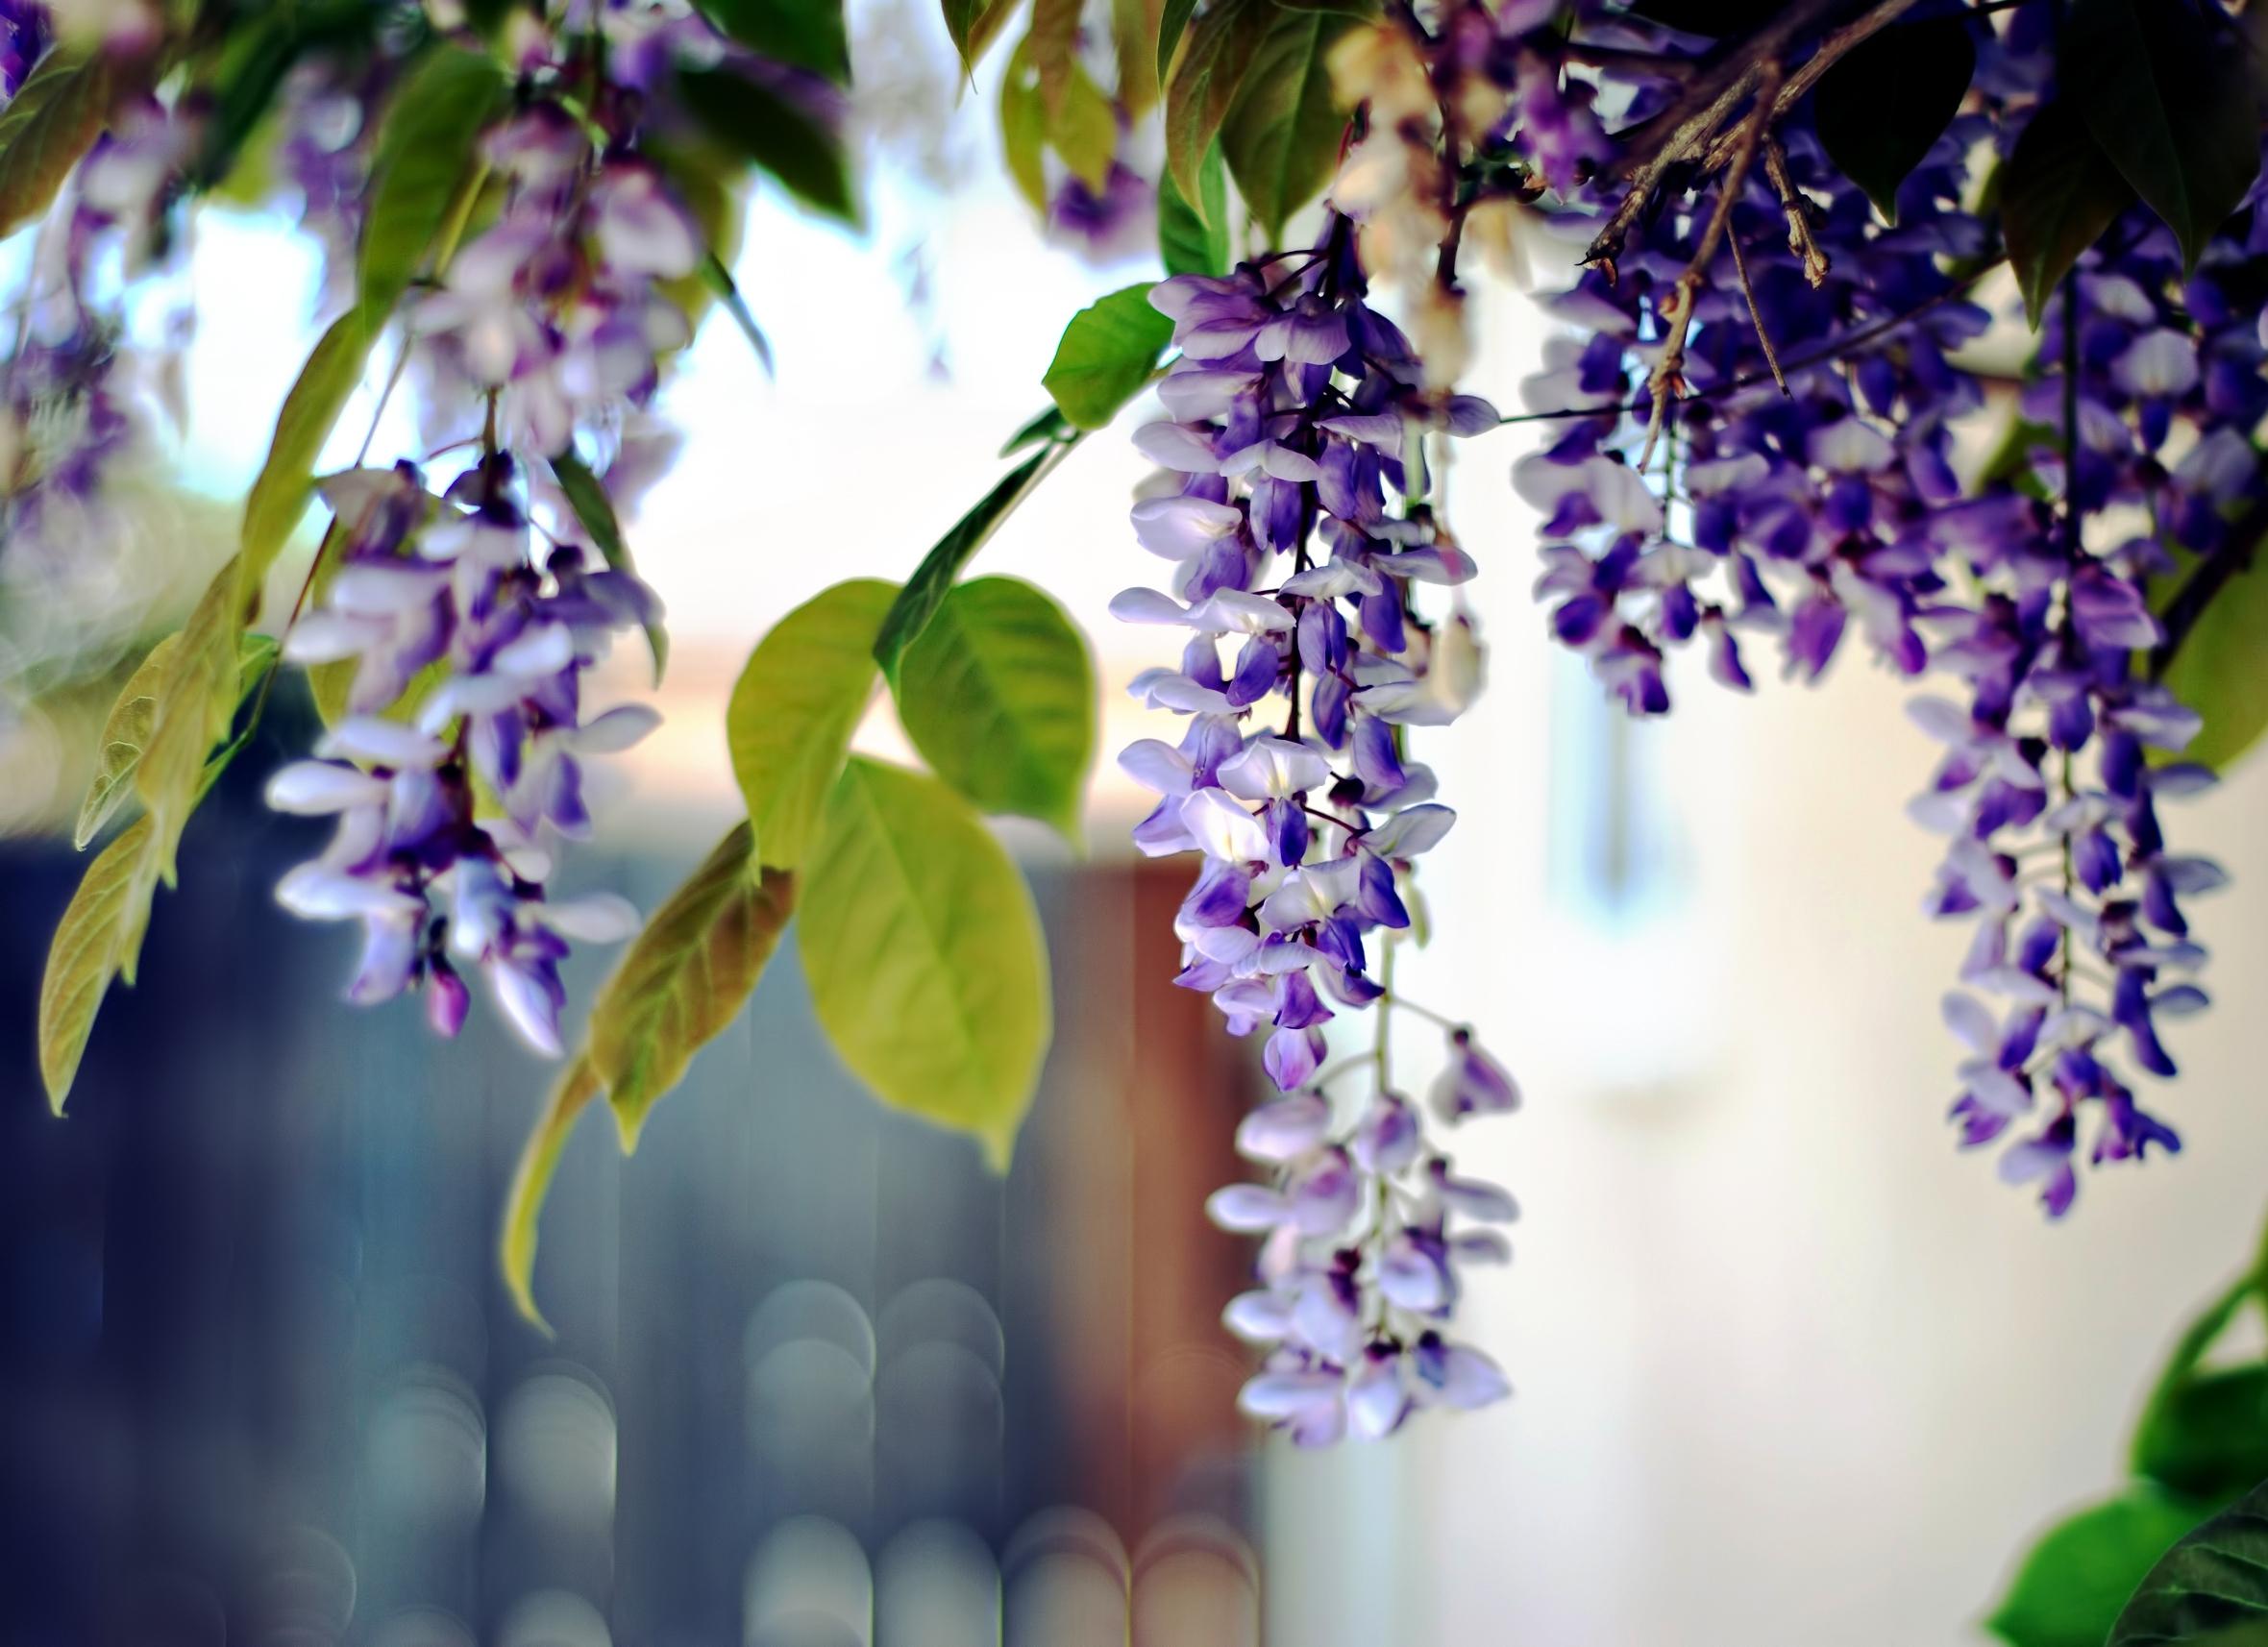 97934 скачать обои Цветы, Акация, Листья, Гроздья, Растение, Ветка - заставки и картинки бесплатно